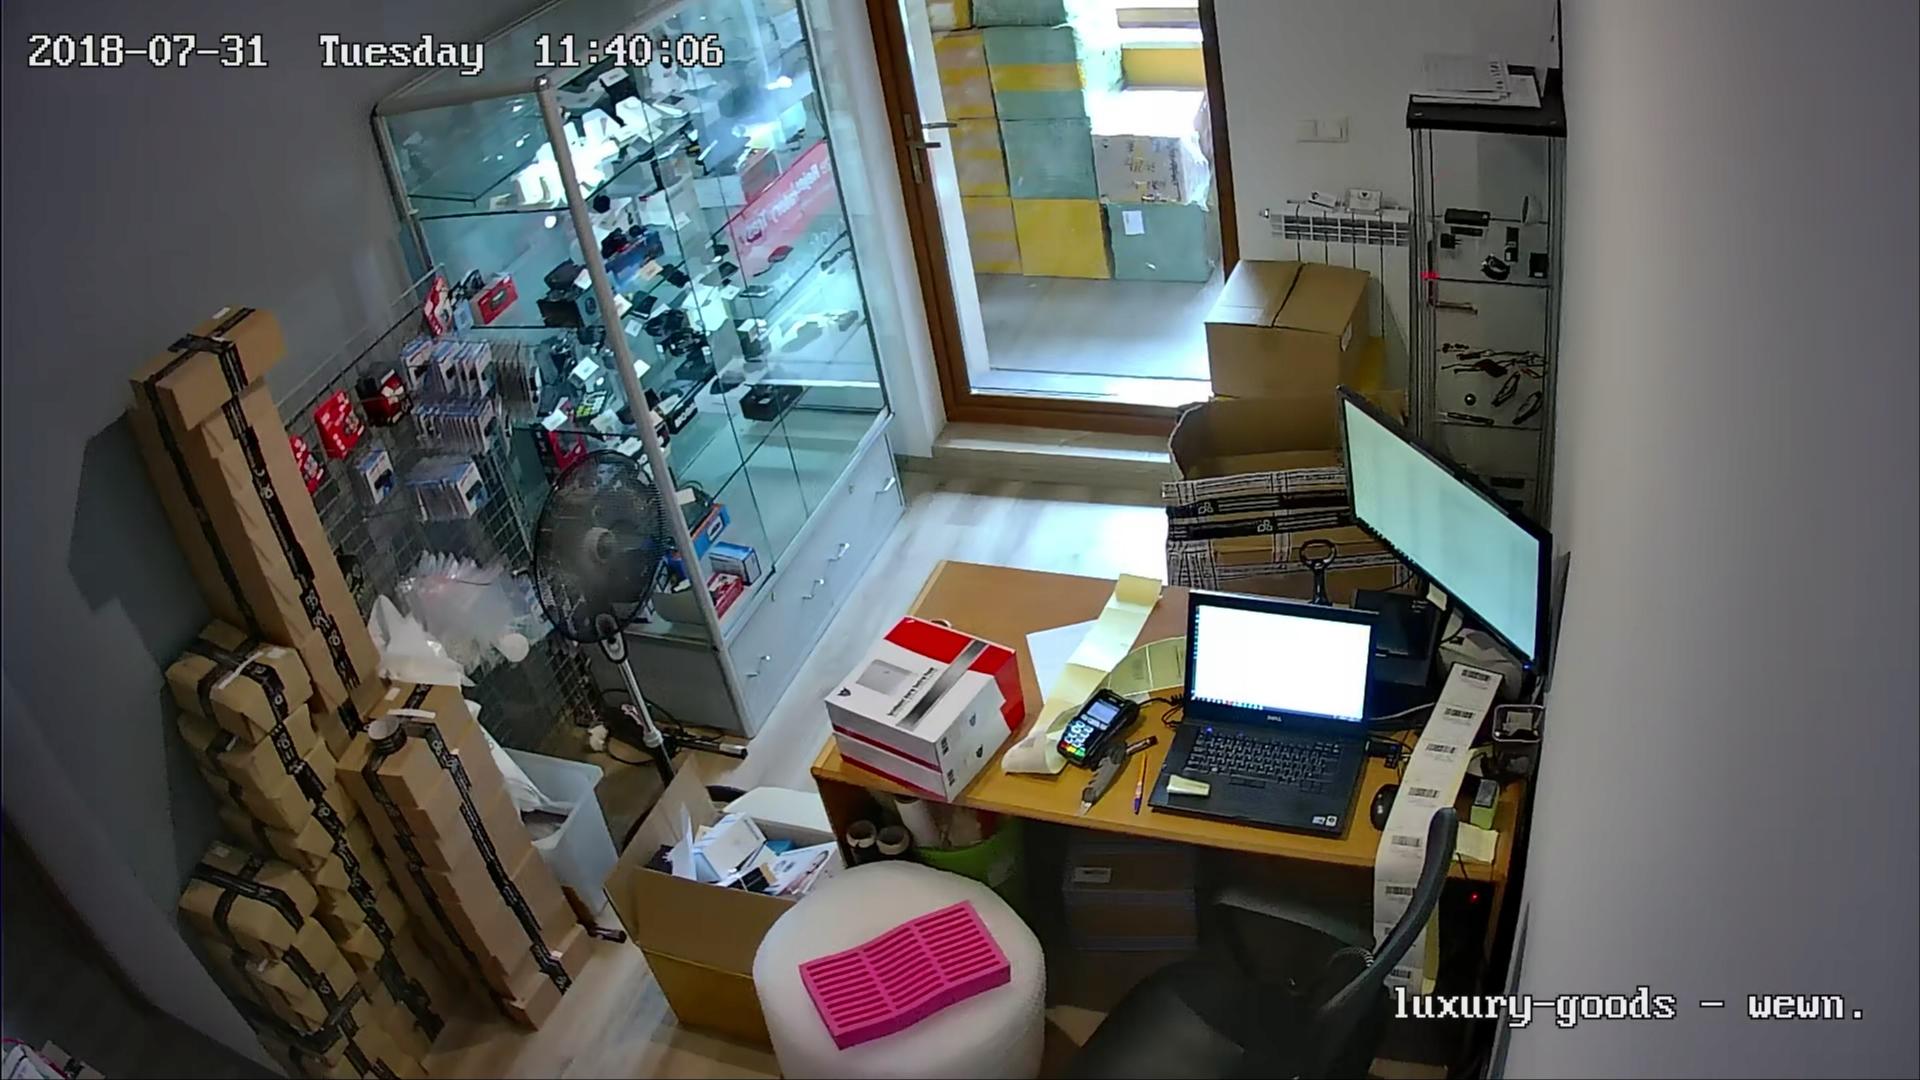 2x FULL HD SONY MONITORING H265+ NVR POE WDR IR Pojemność zainstalowanego dysku 0 TB